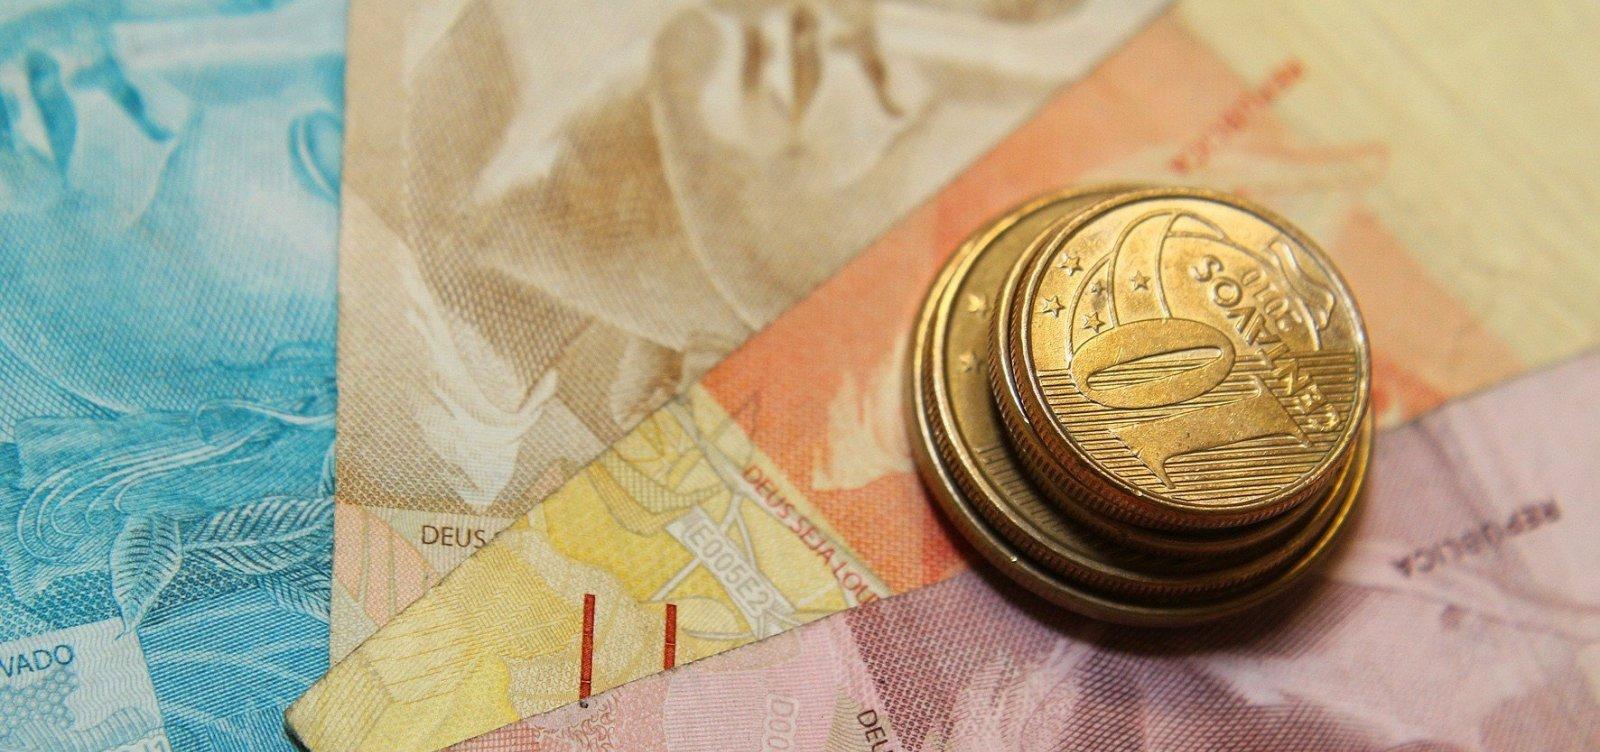 [Inflação da RMS fica em 0,18% em fevereiro e atinge menor patamar desde 2002]